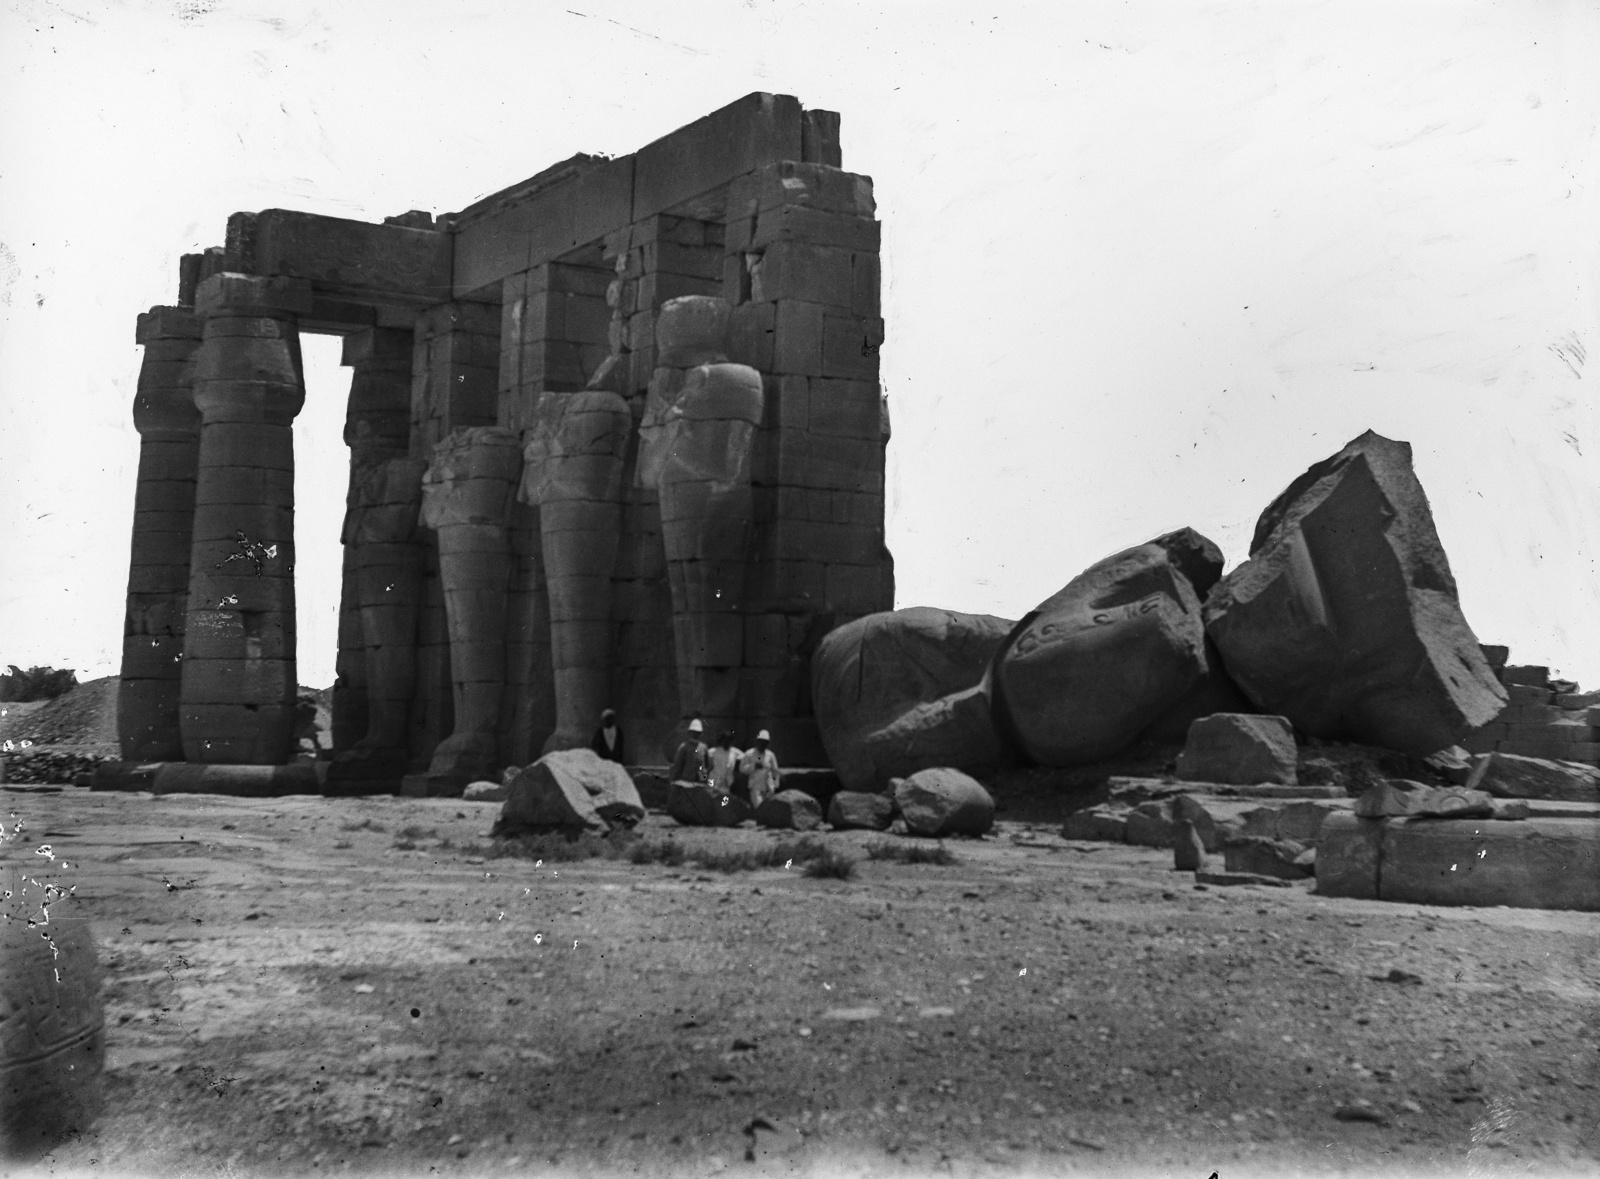 Луксор. Руины храма со статуями, колоннами и обрушившимися частями зданий, построенными в честь Рамсеса II